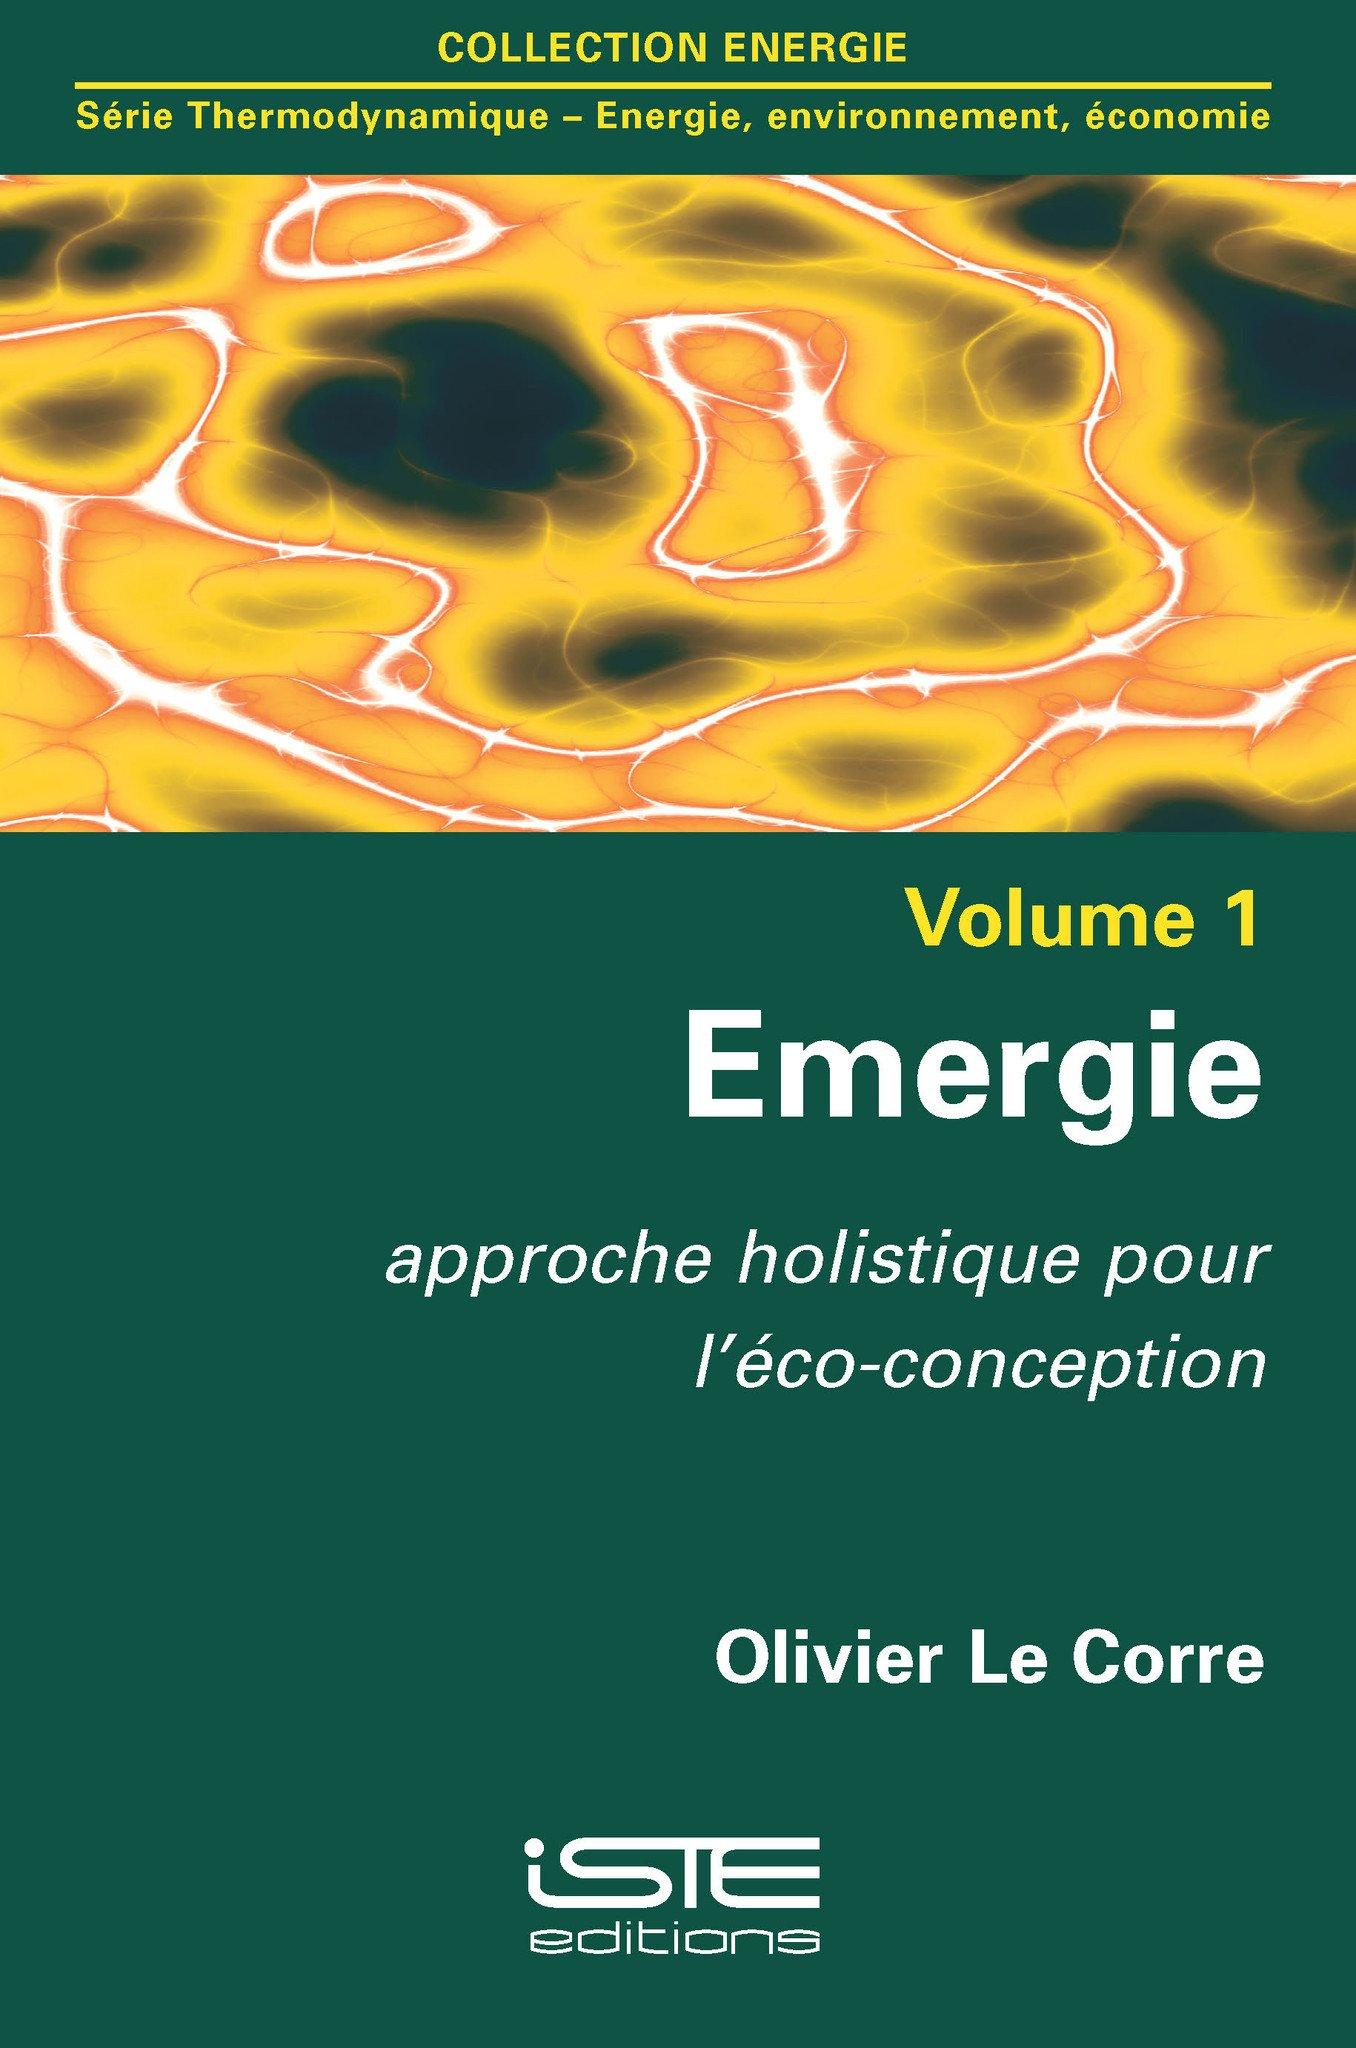 Emergie